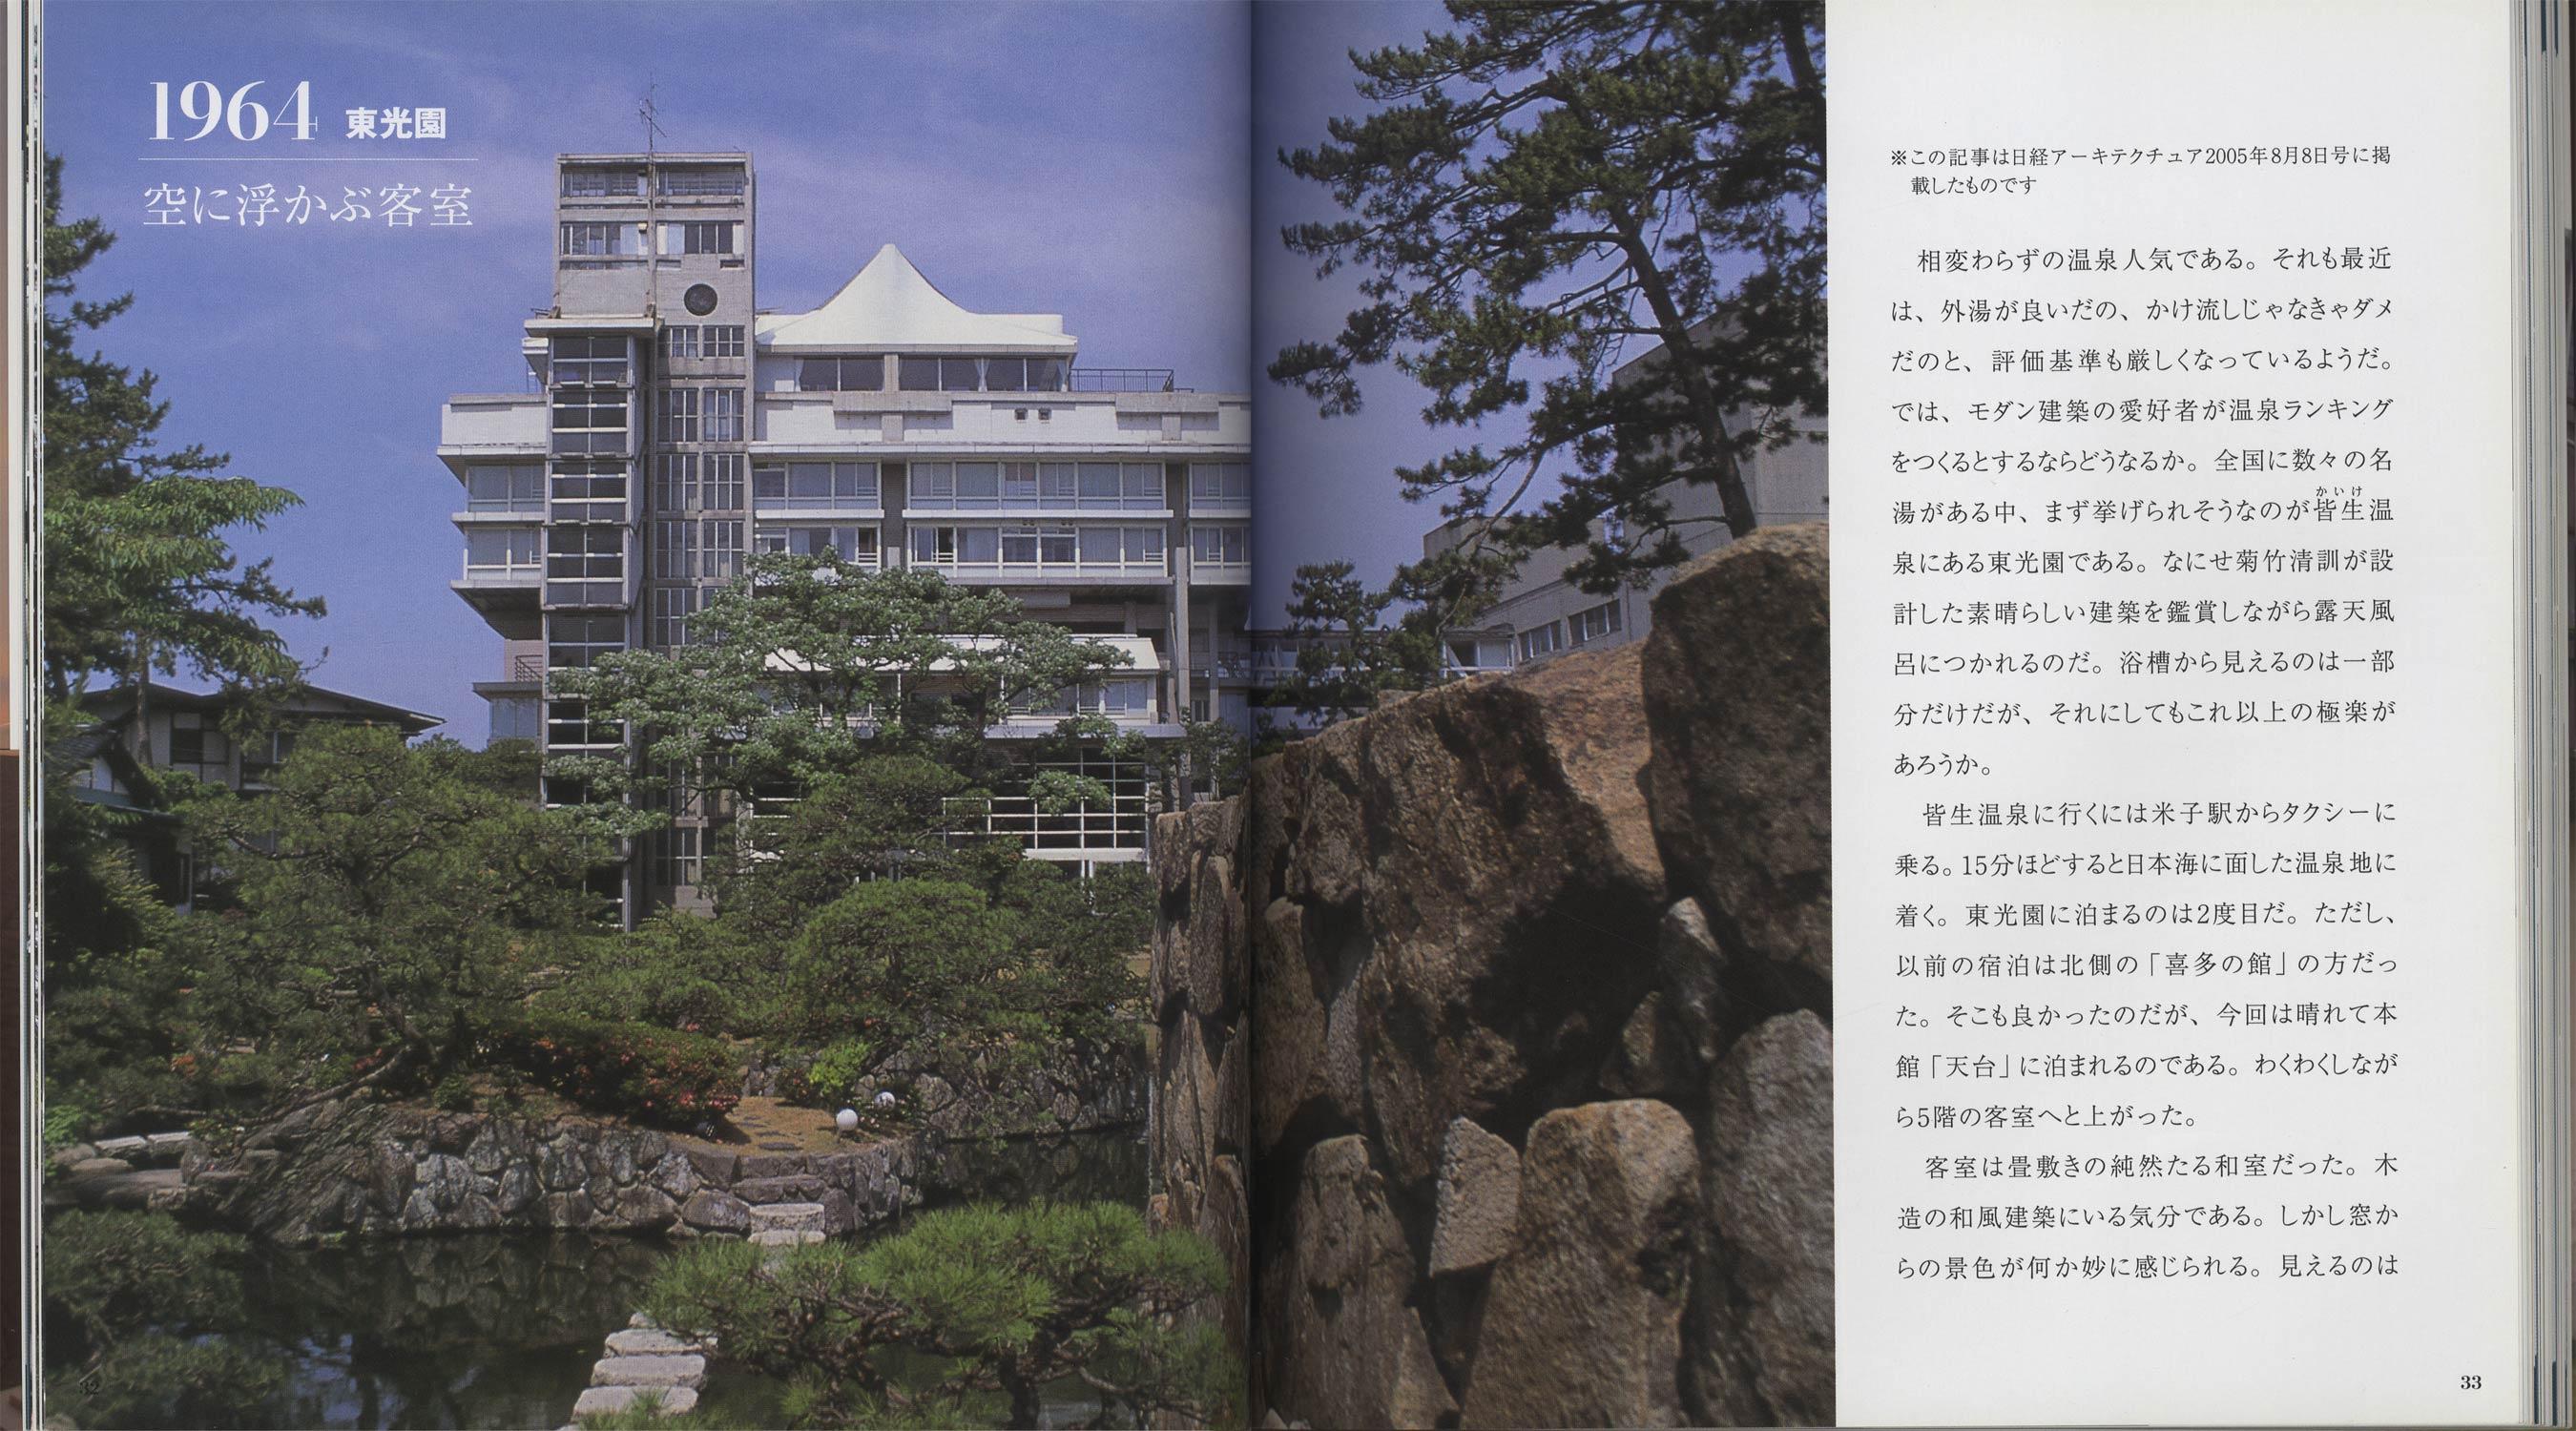 菊竹清訓巡礼[image2]